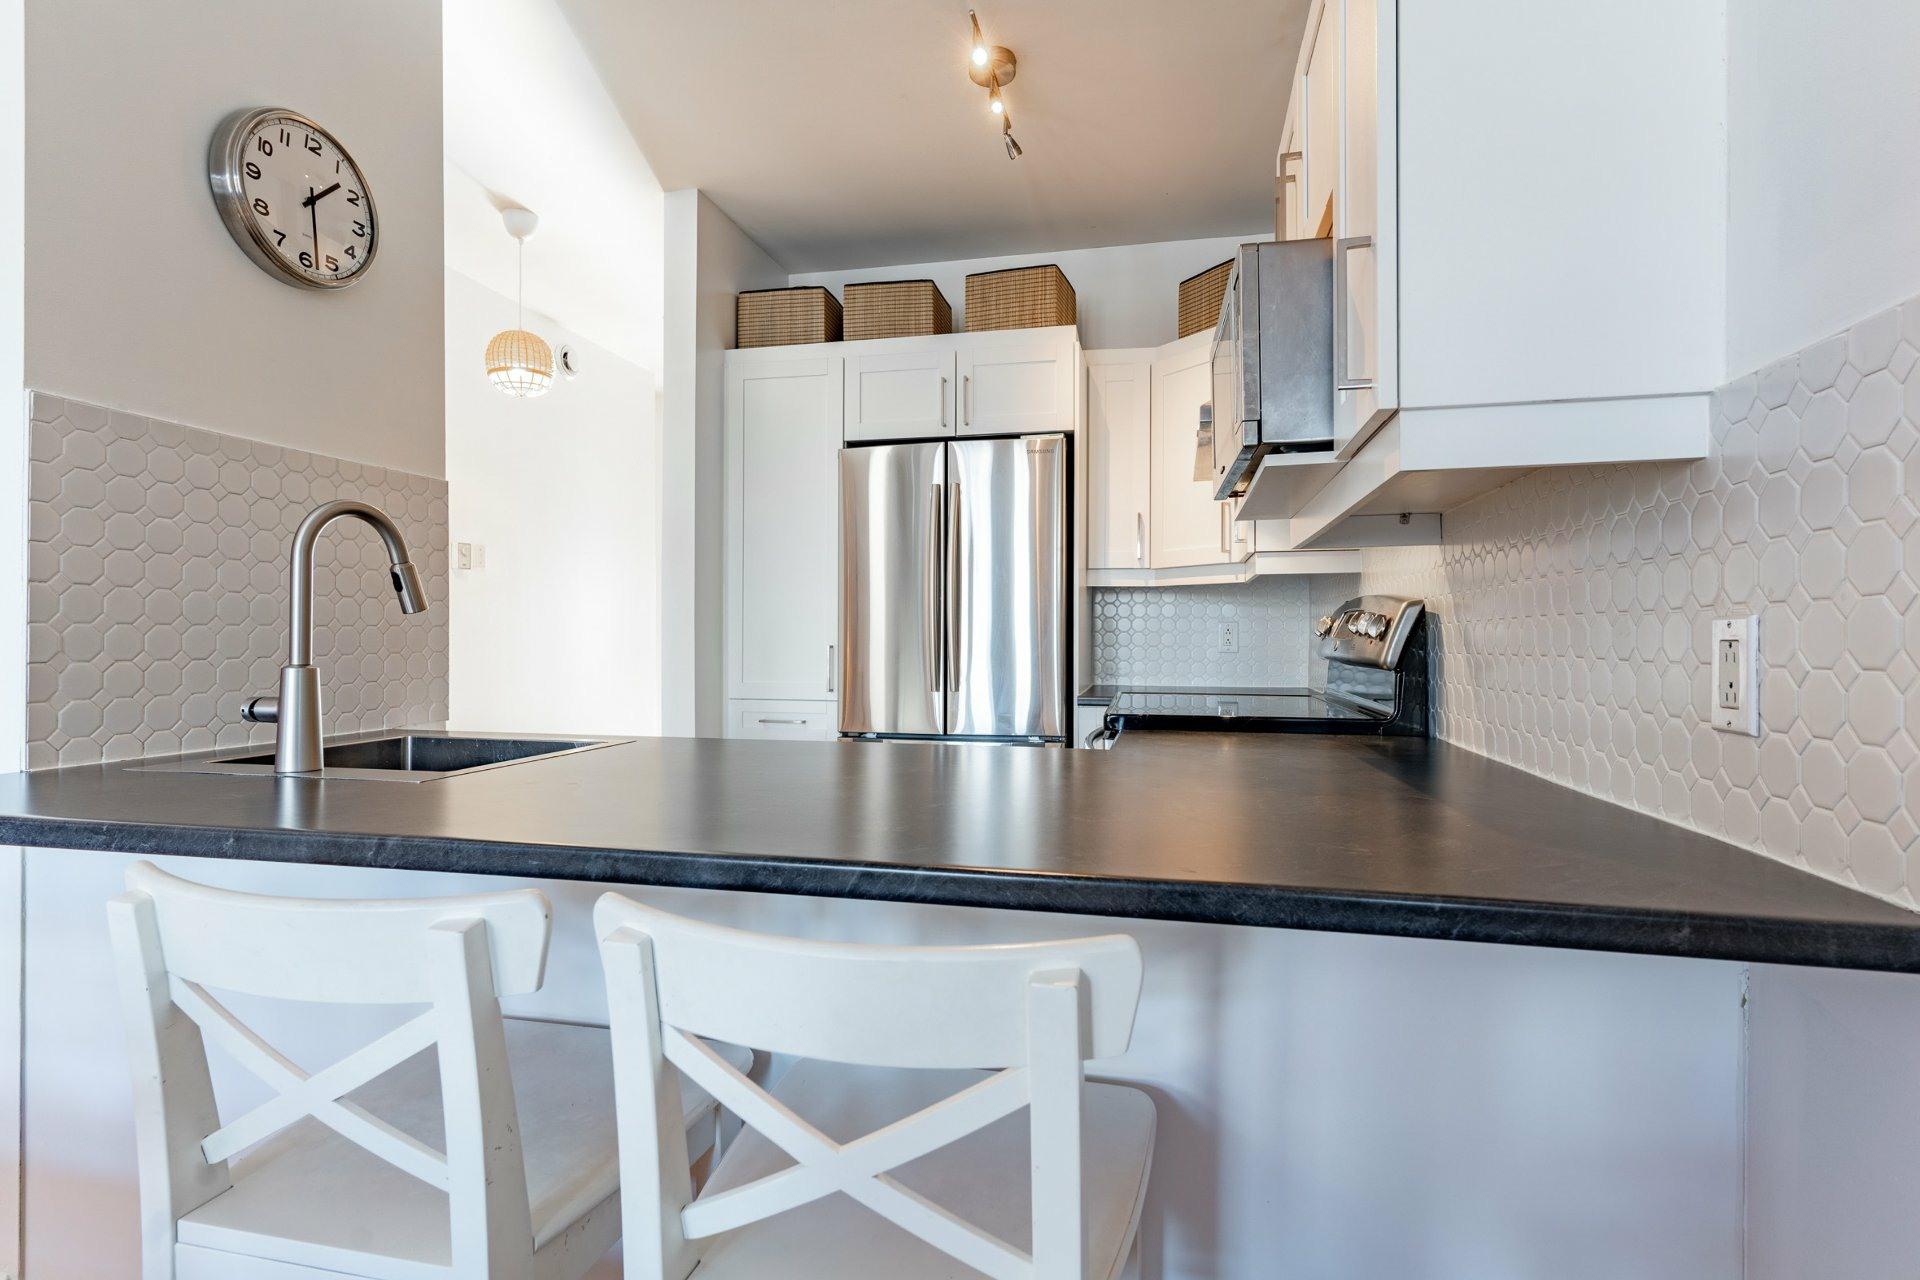 image 6 - Appartement À vendre Rosemont/La Petite-Patrie Montréal  - 7 pièces